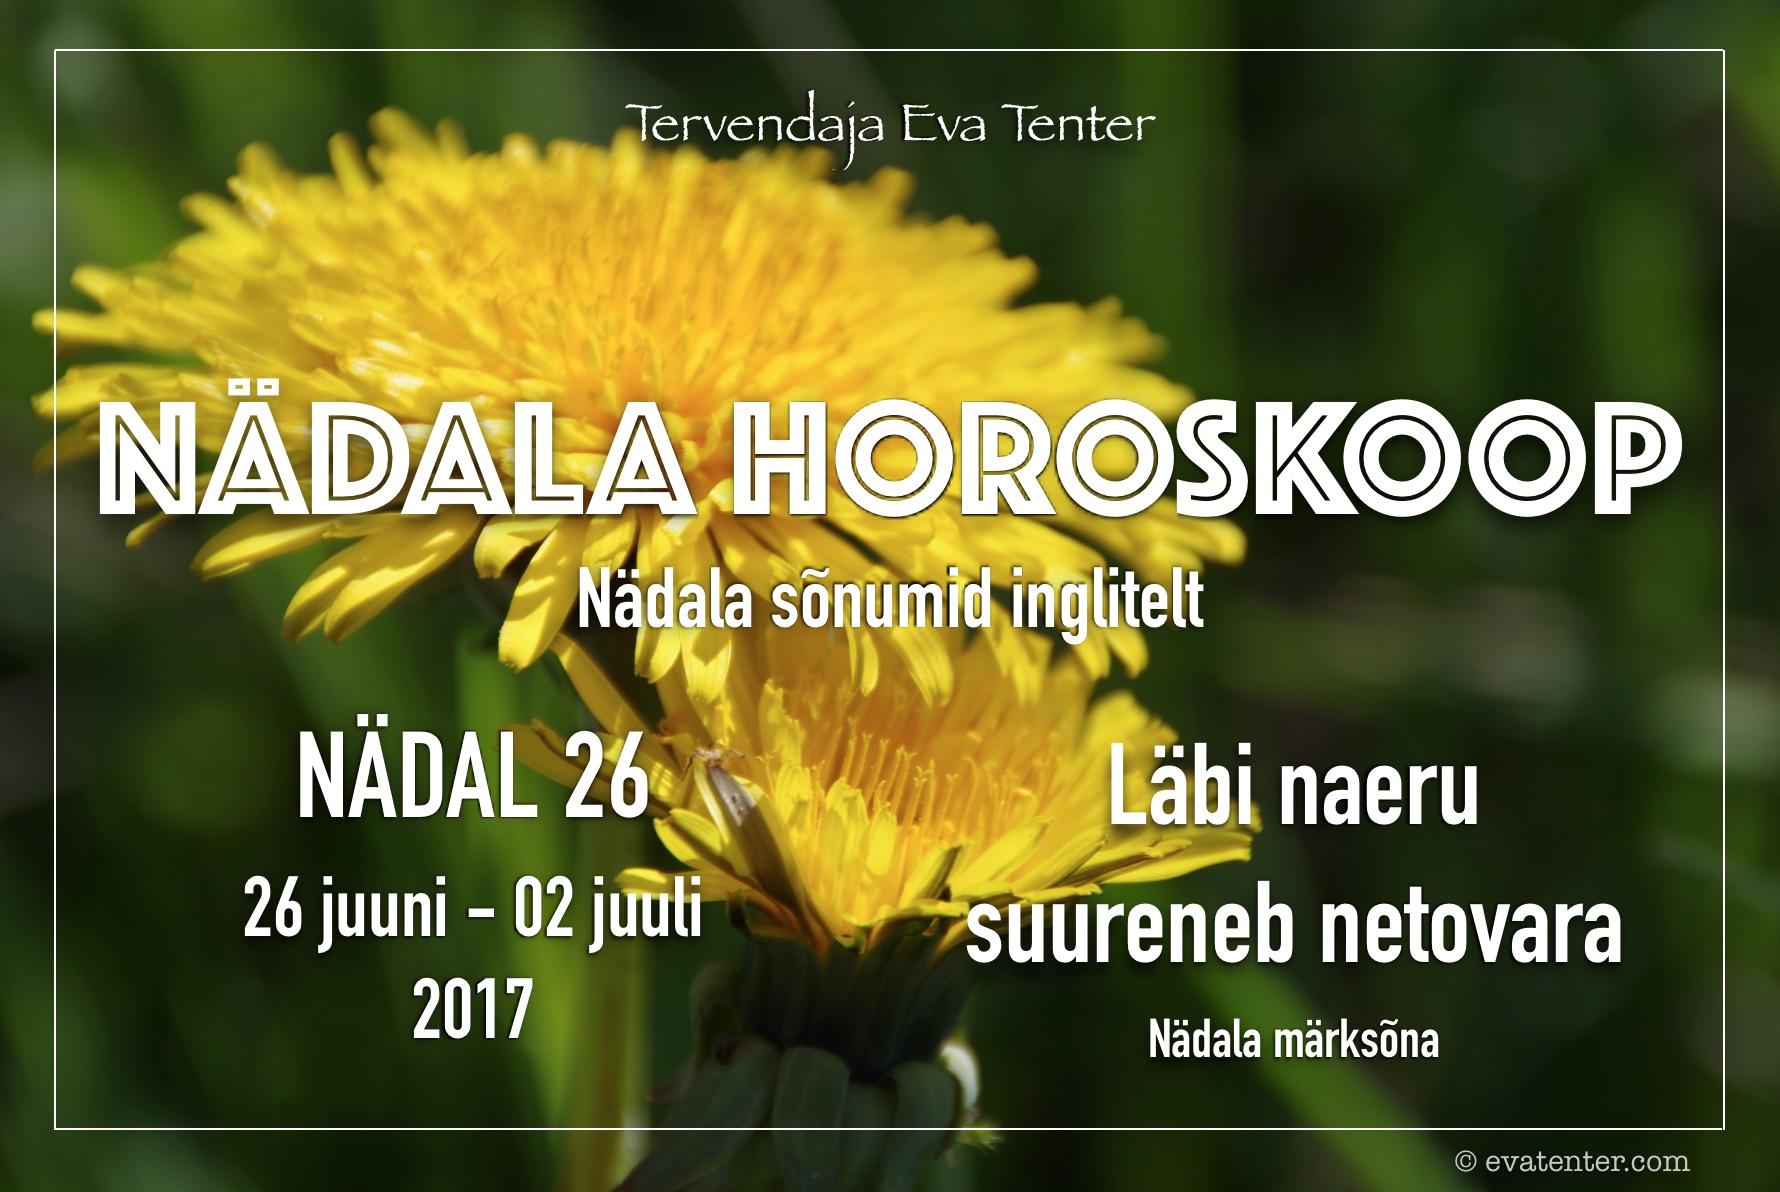 Nädala horoskoop